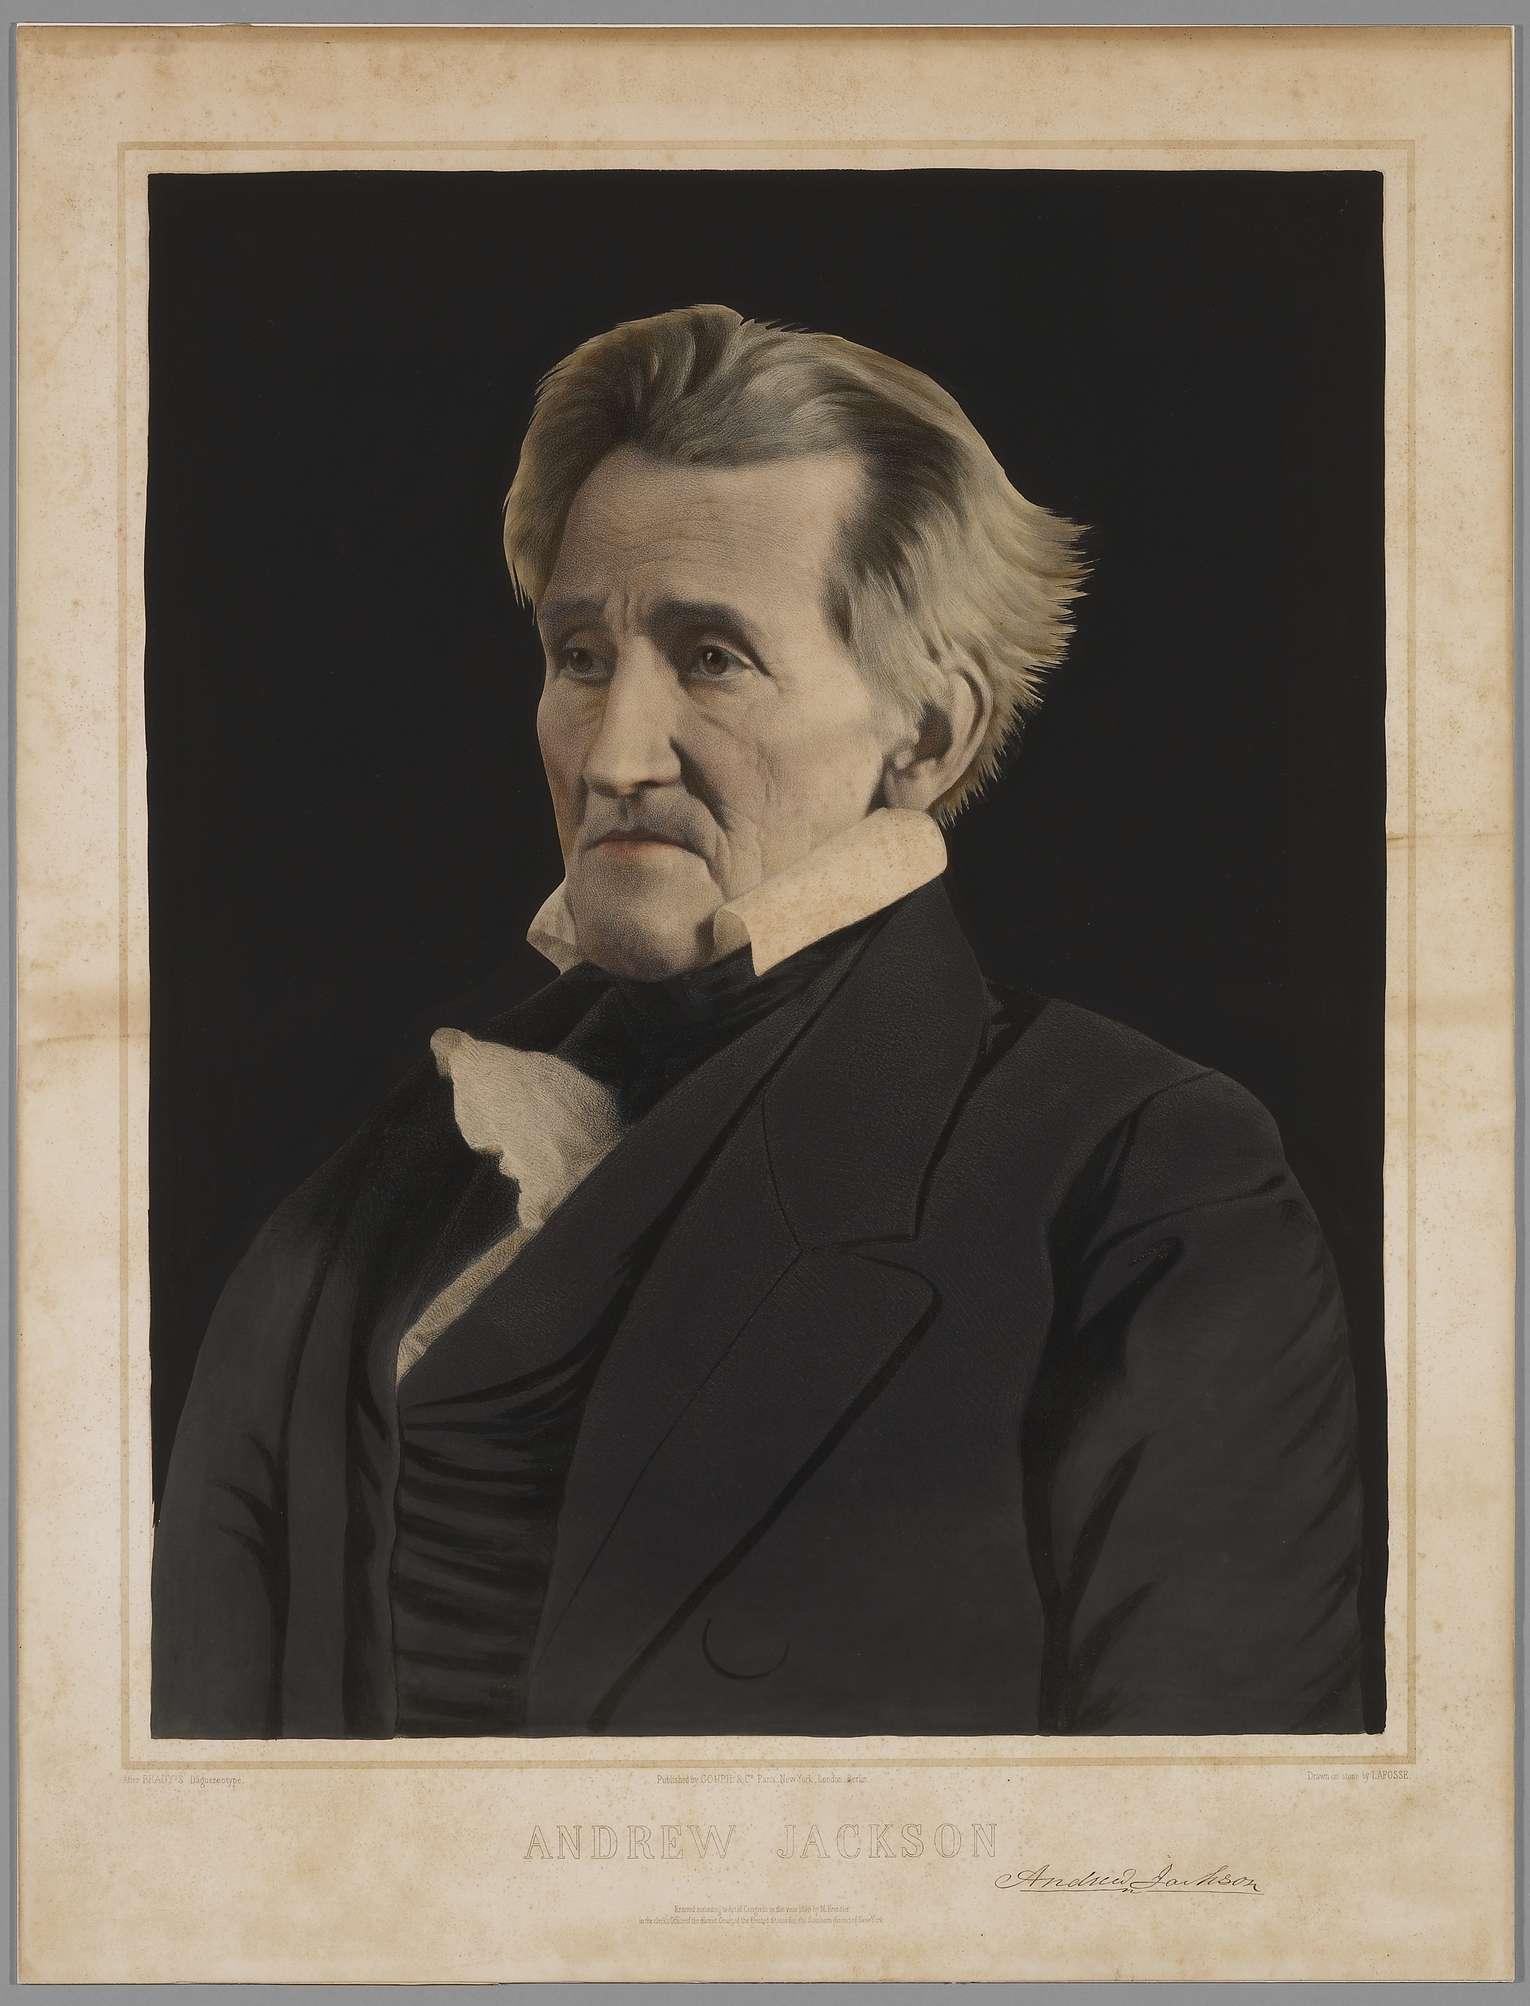 andrew jackson first modern president